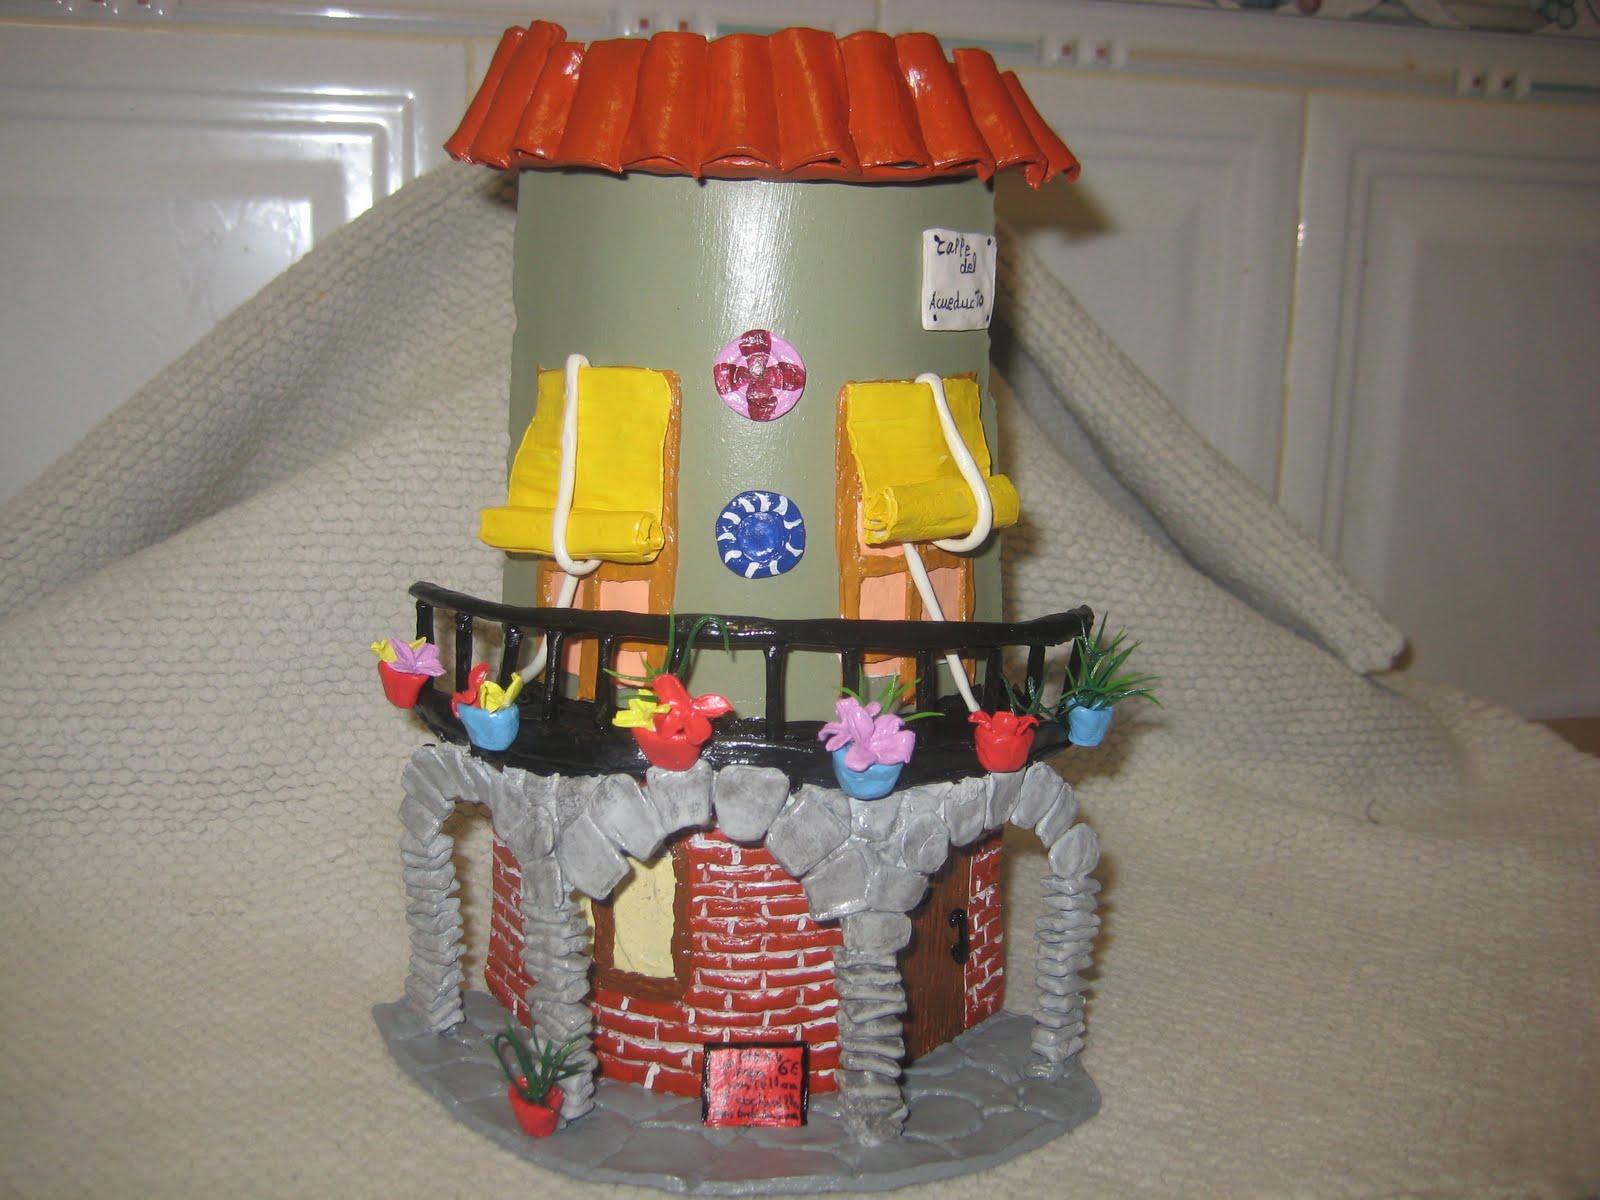 Manualidades caseras y tejas decoradas 2010 - Tejas pequenas decoradas ...